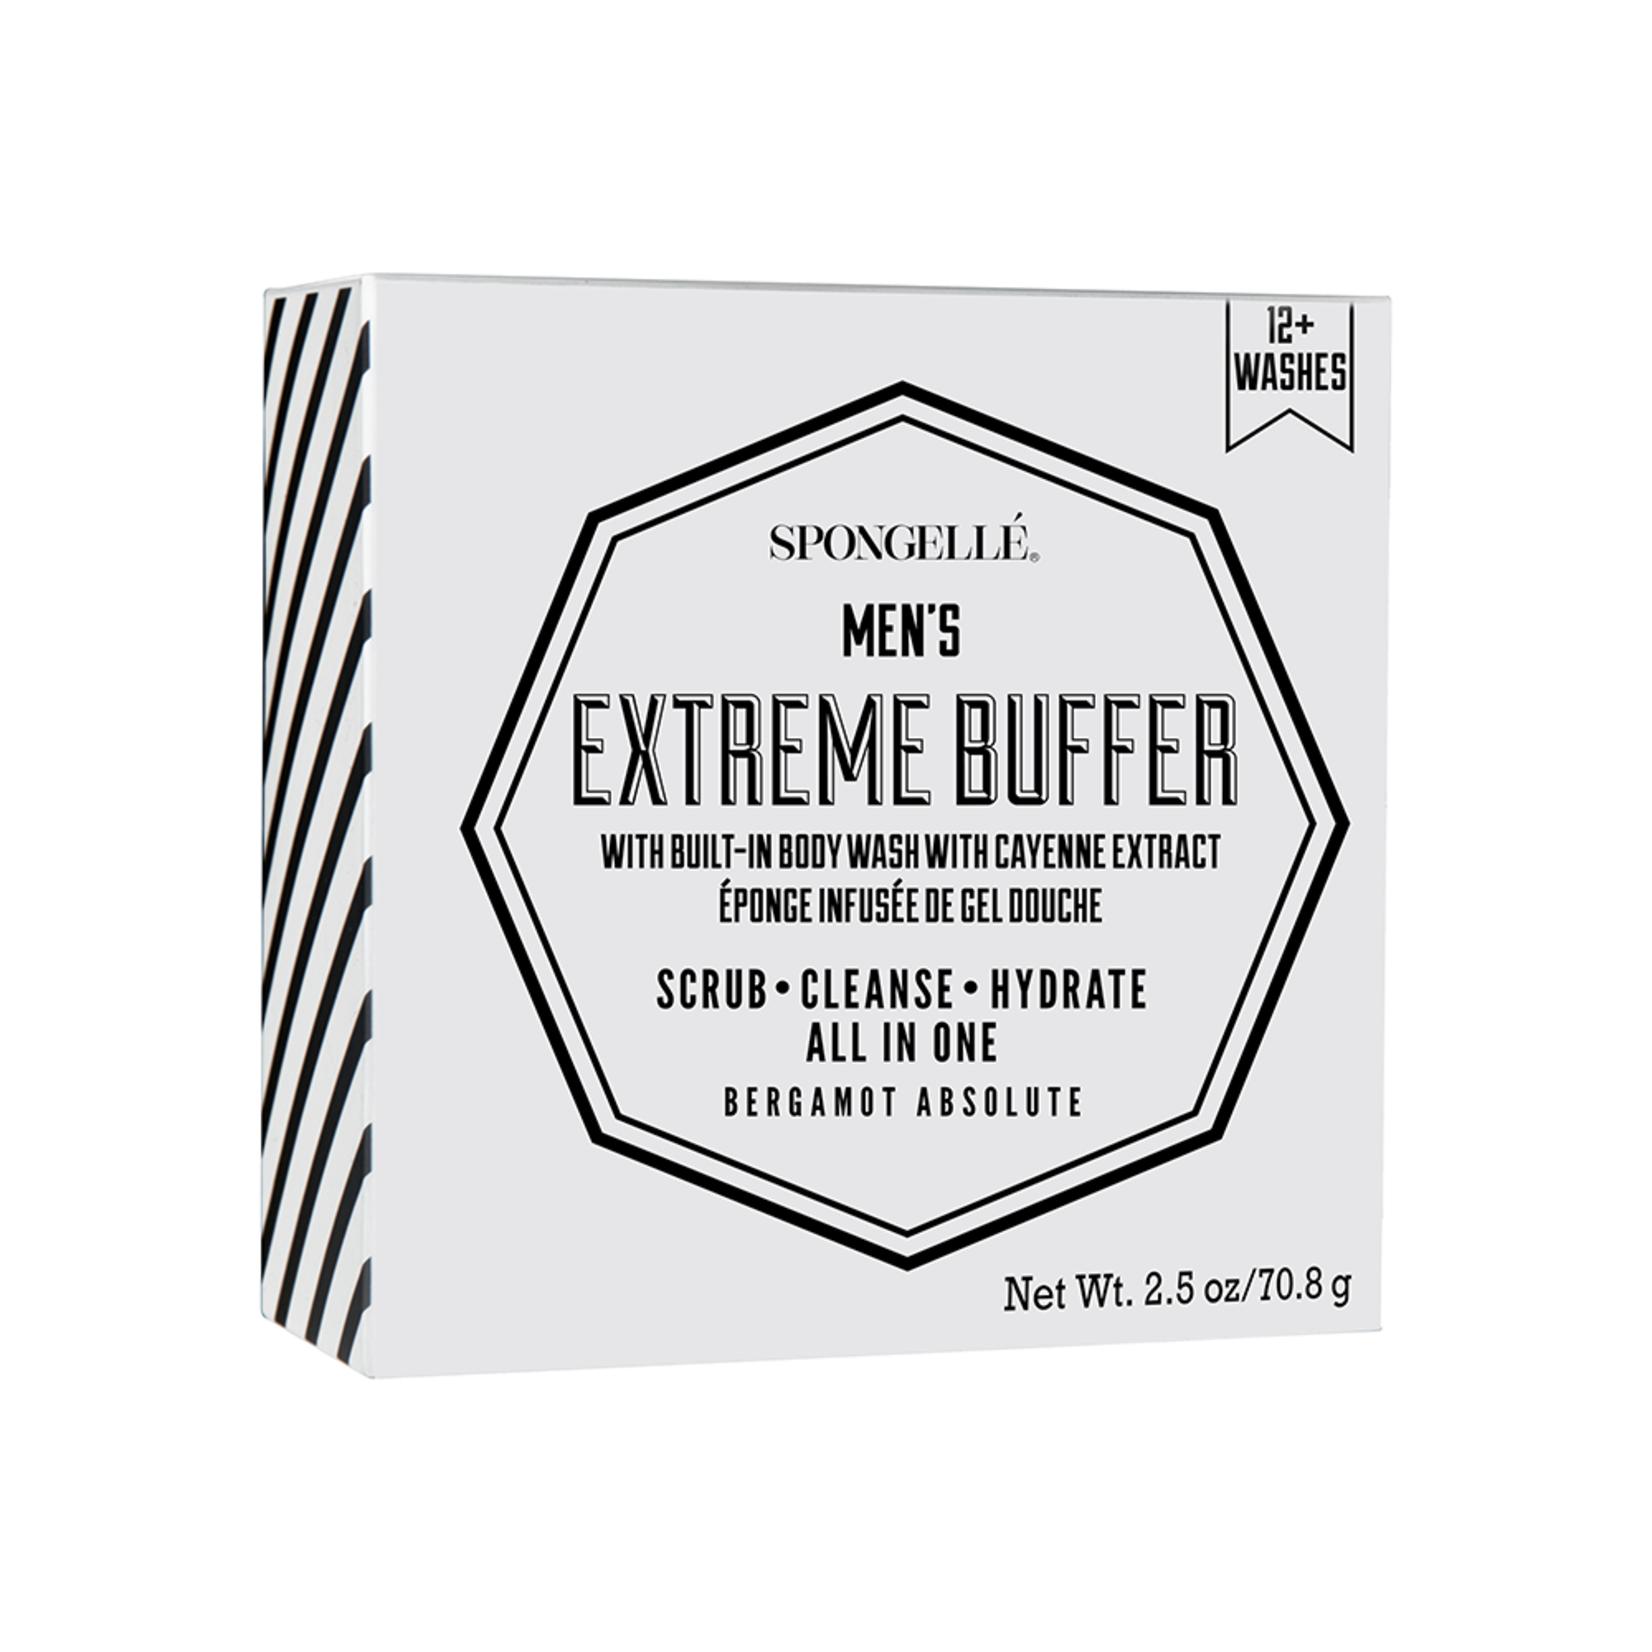 Spongelle Mens Super Buffer-Bergamot Absolute